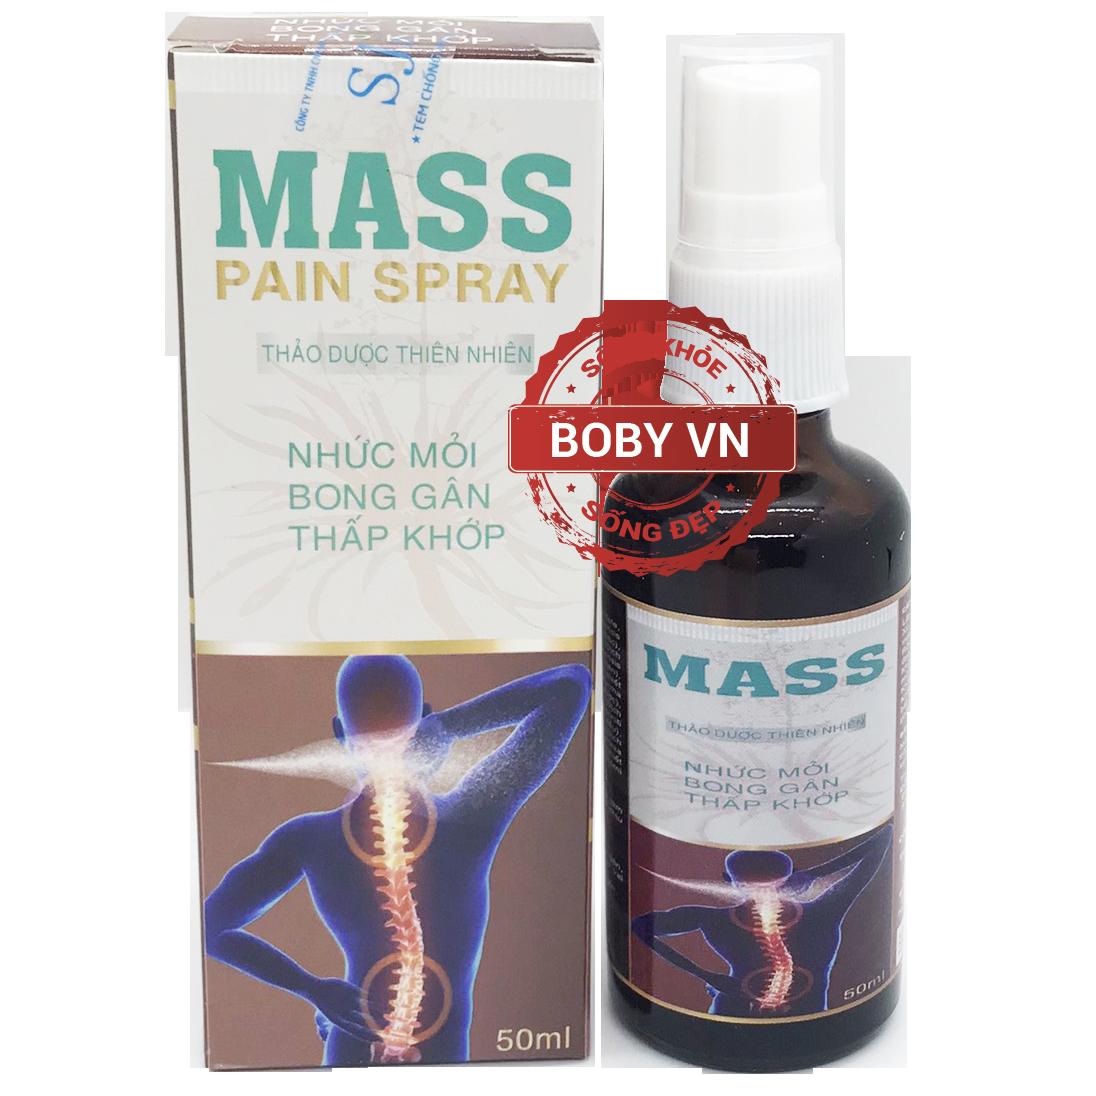 Mass Pain Spray xịt giảm nhức mỏi, bong gân, thấp khớp